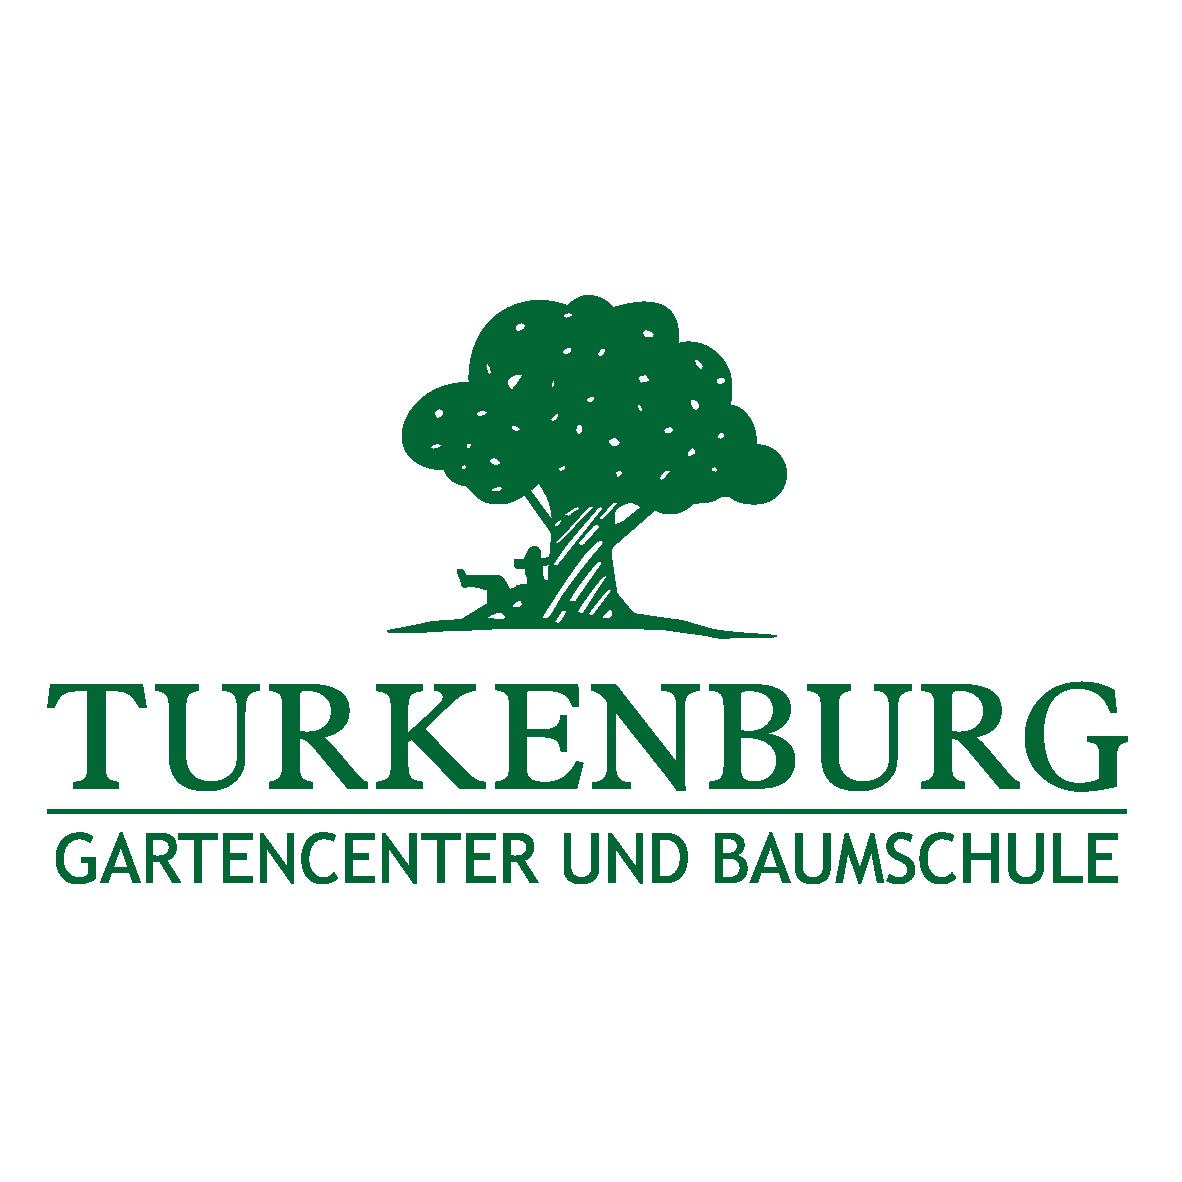 Turkenburg Gartencenter